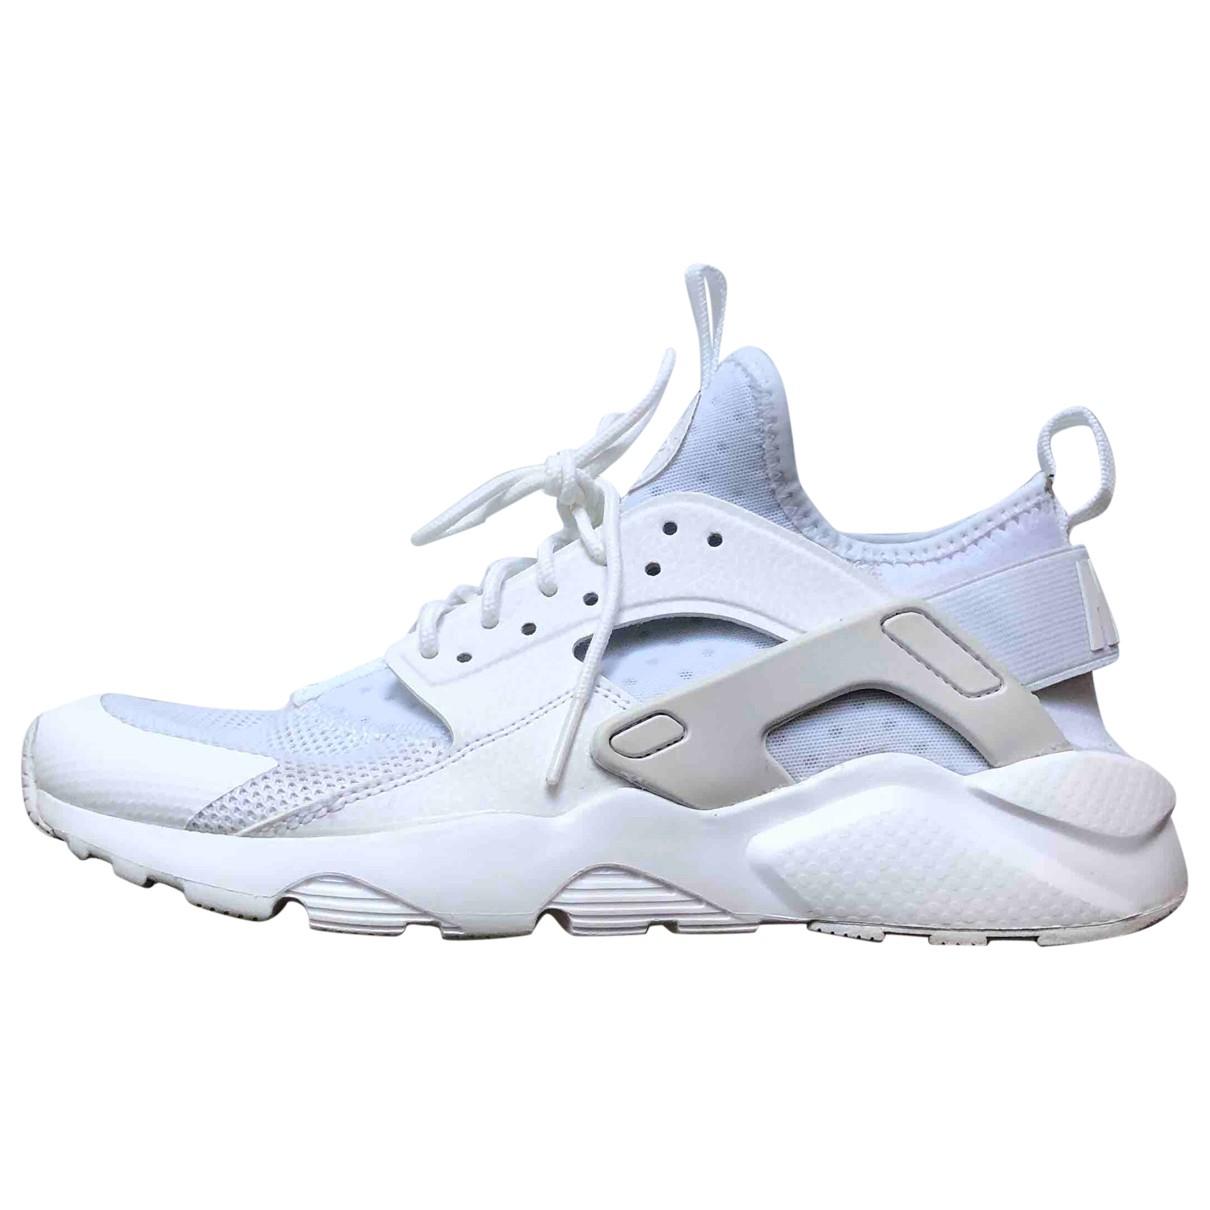 Nike Huarache White Trainers for Women 39 EU